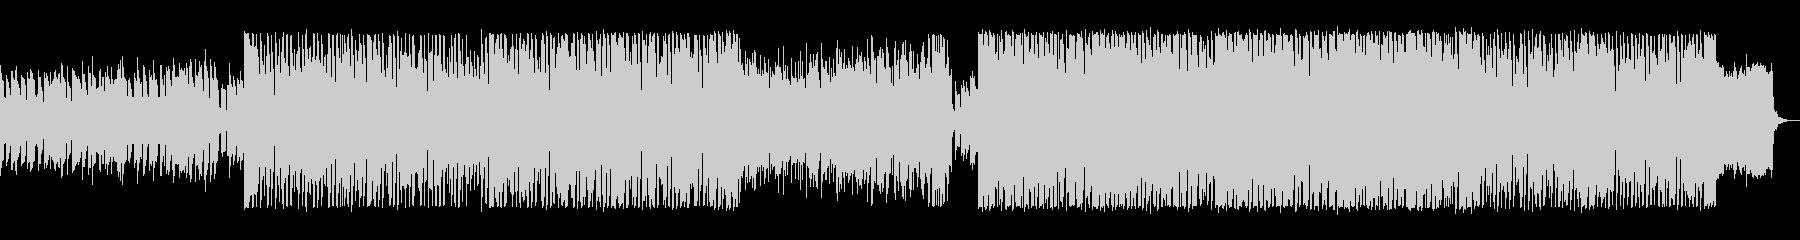 キラキラ、ポップなエレクトロニカの未再生の波形